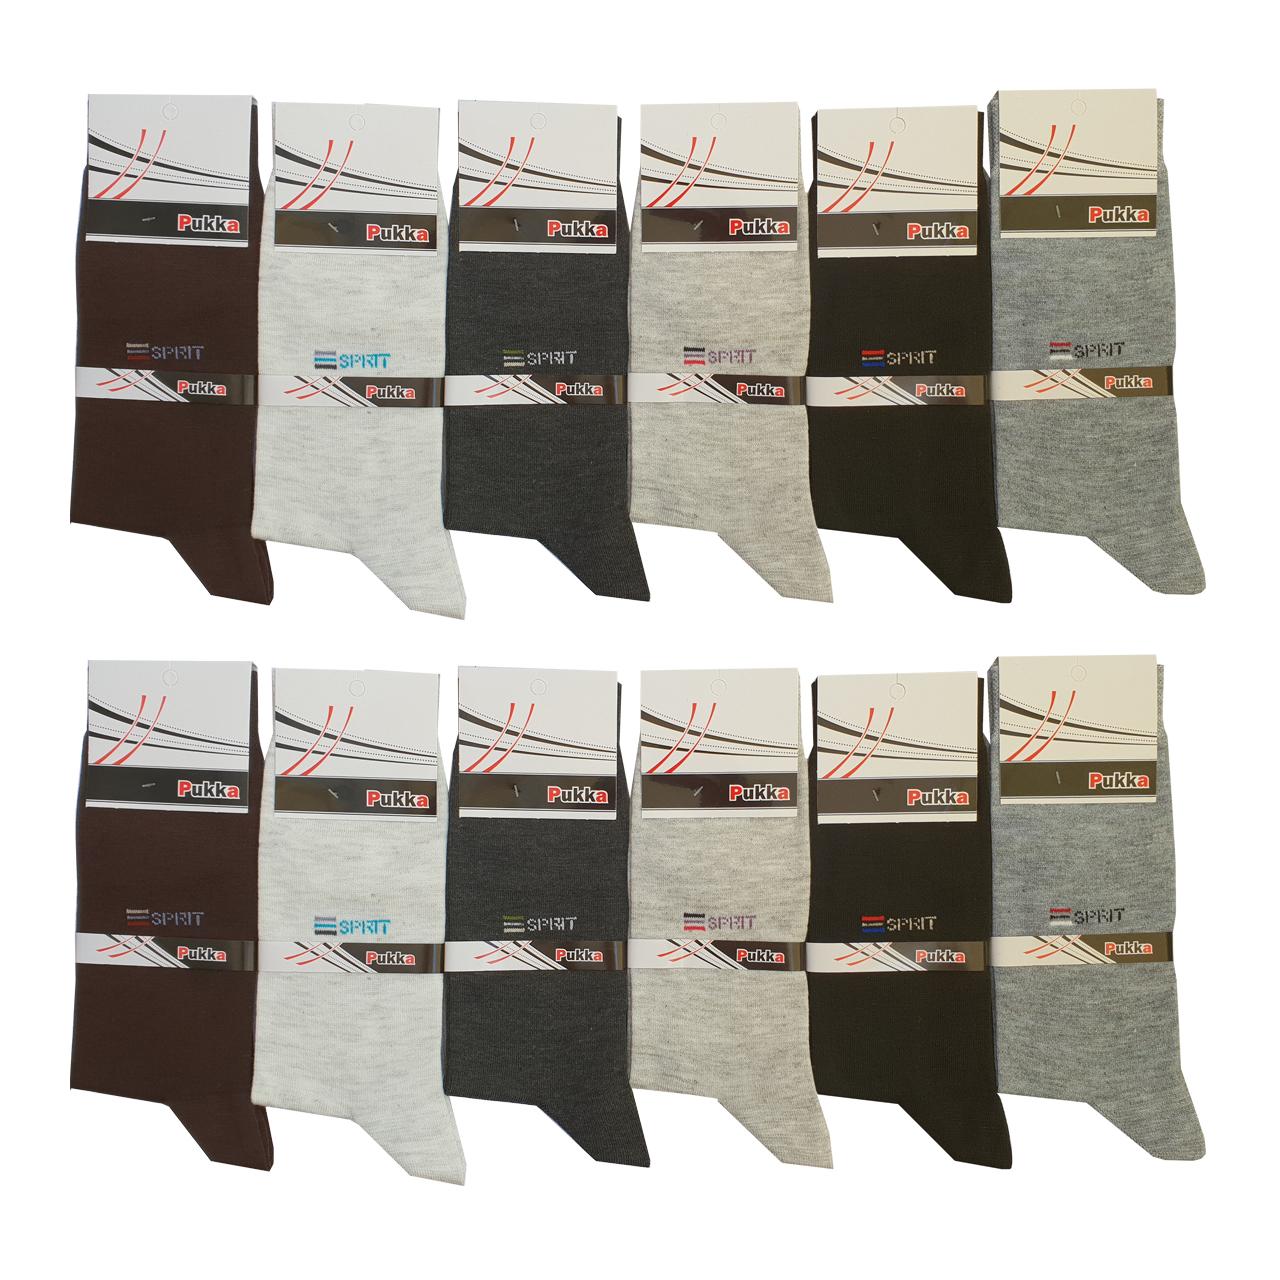 تصویر جوراب مردانه پوکا مدل S مجموعه 12 عددی